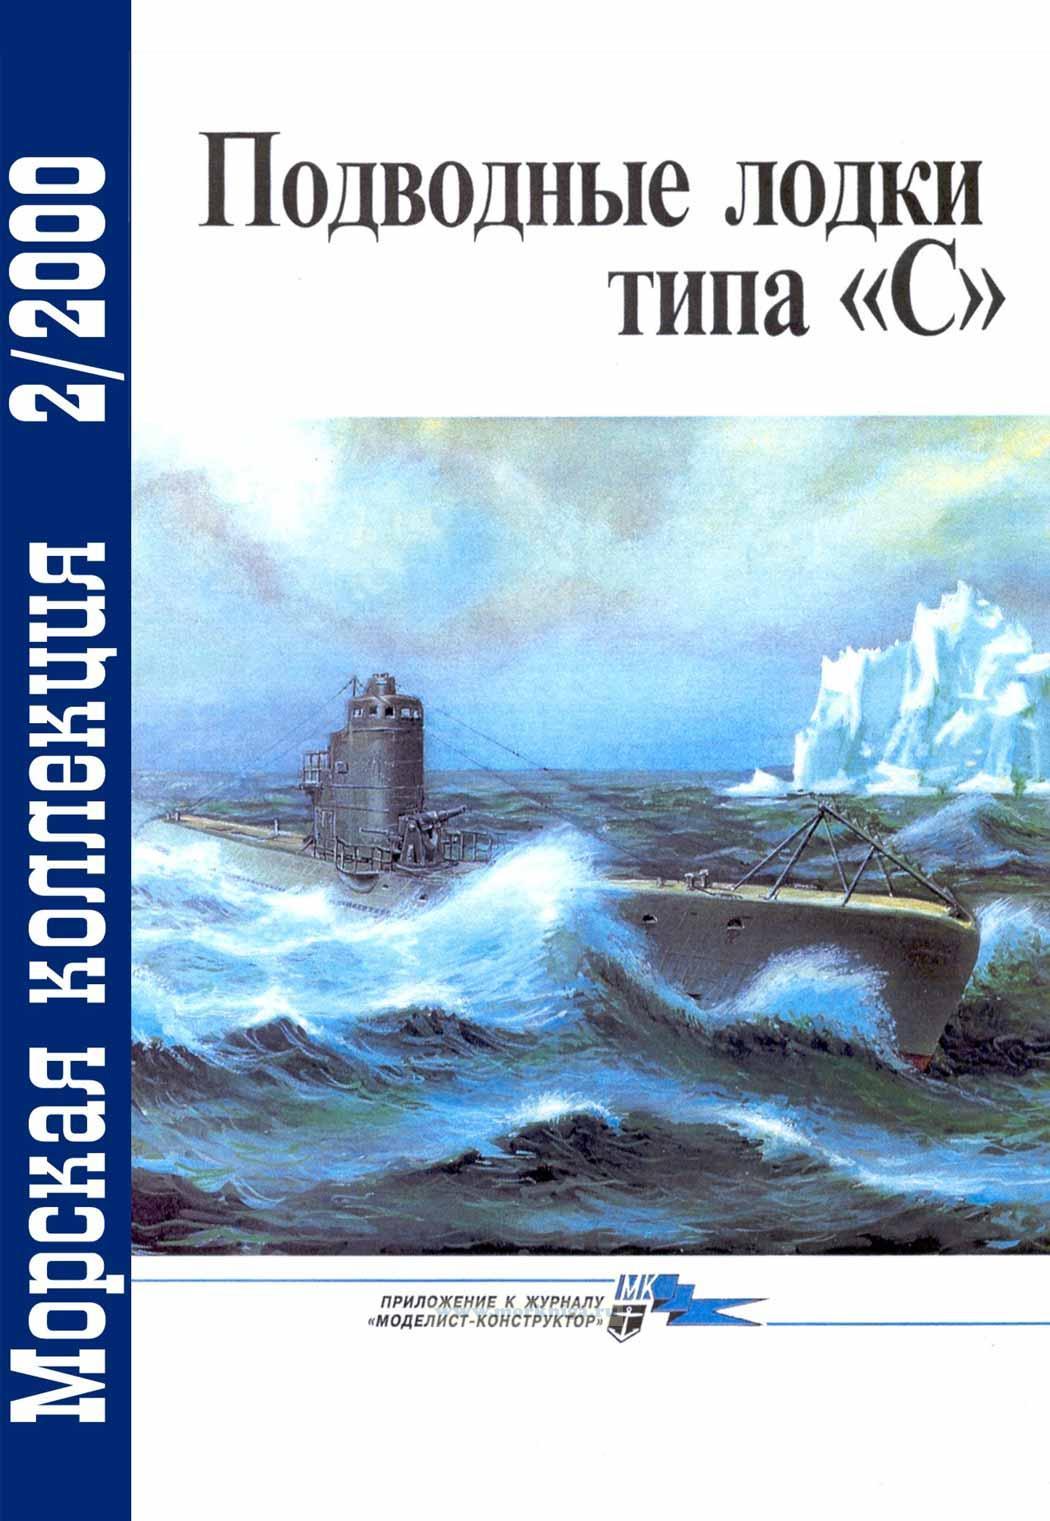 Подводные лодки типа «С». Морская коллекция №2 (2000)